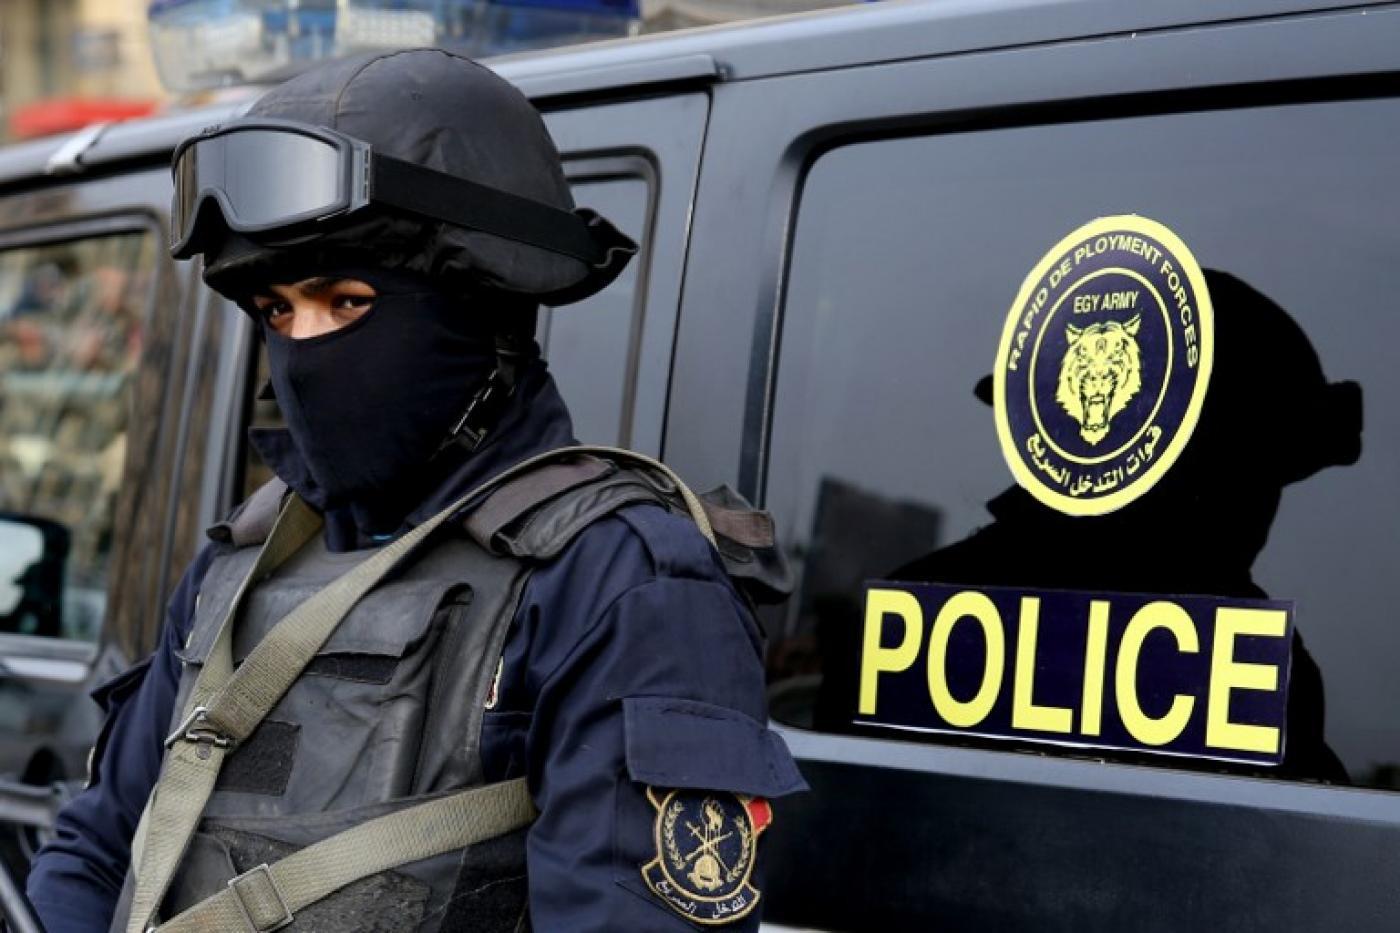 صورة الأمن المصري يعتقل ناشطًا حقوقيًا بارزًا ويخفيه منذ 7 أيام